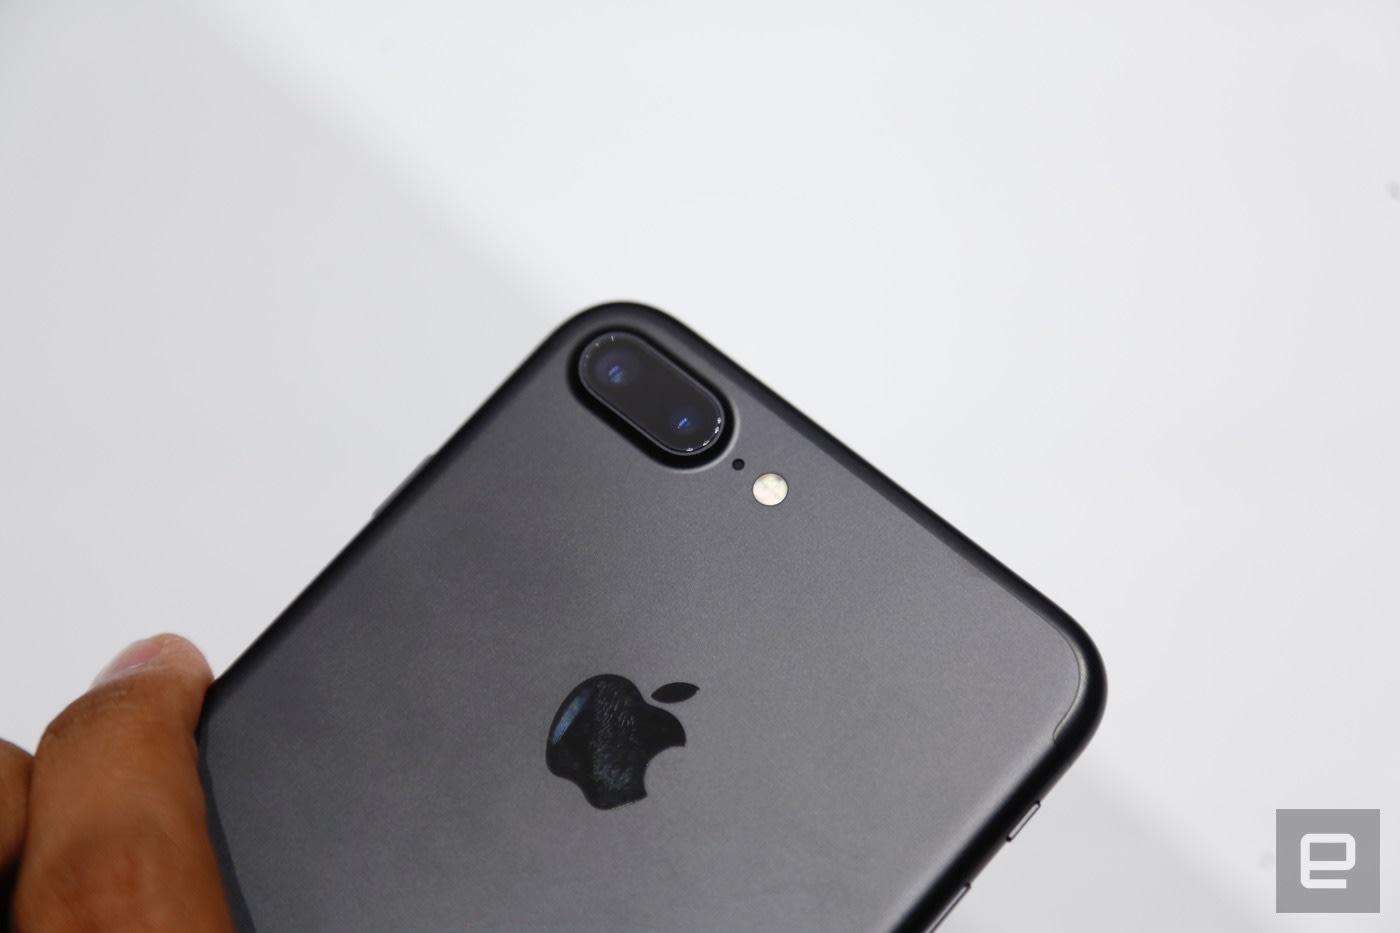 Ram Iphone S Plus